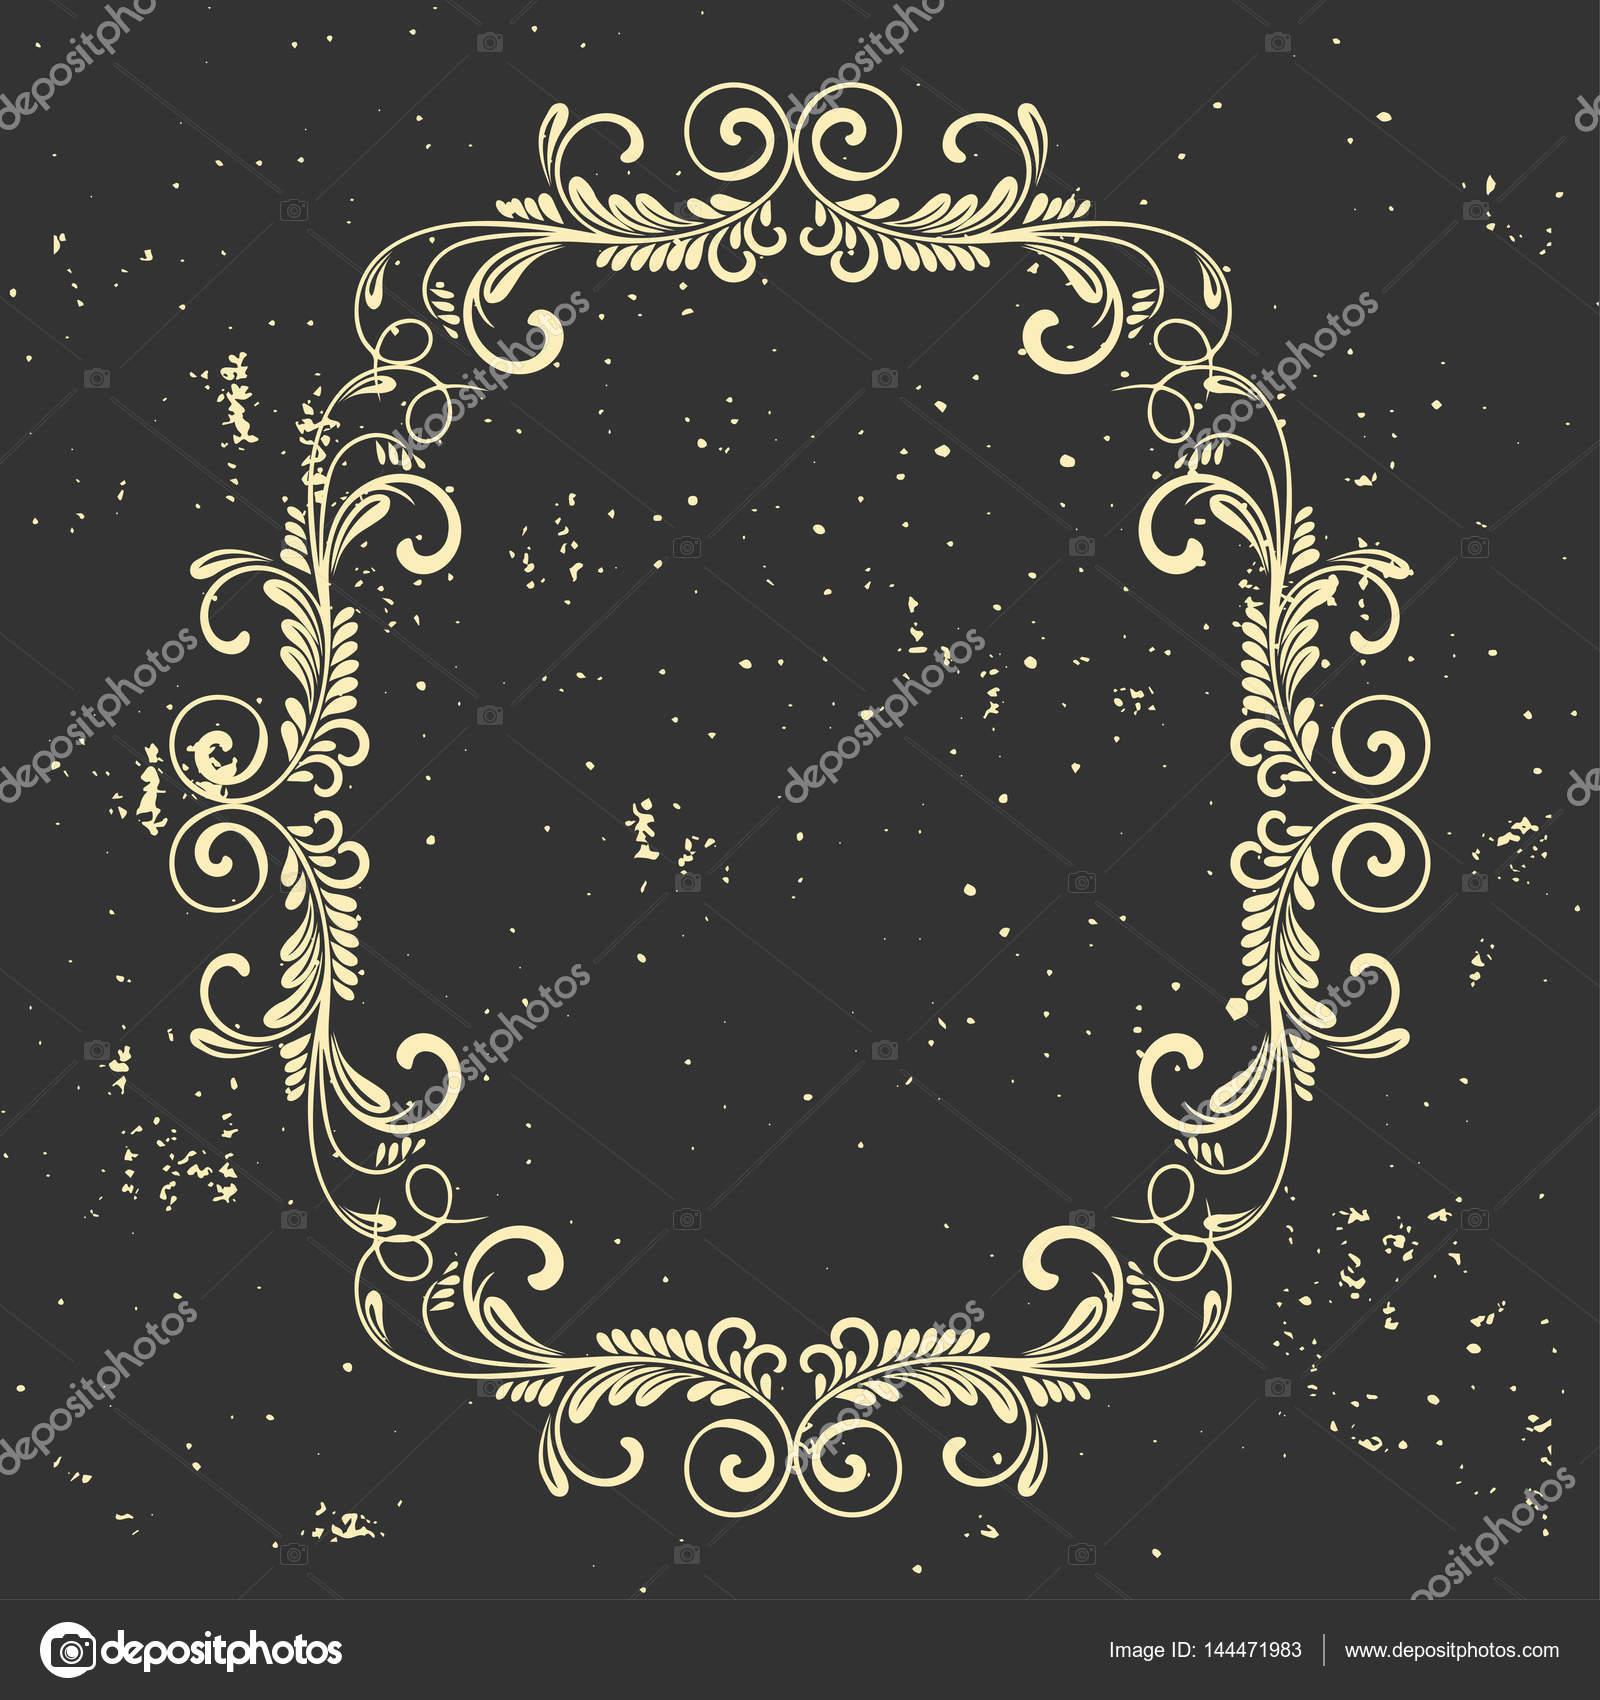 b2d2fb9754 Körkörös barokk mintás. Kerek virág dísz. Üdvözlőlap. Esküvői meghívó.  Retro stílusú. Vektor logo sablon, címkék és jelvények — Vektorok ...